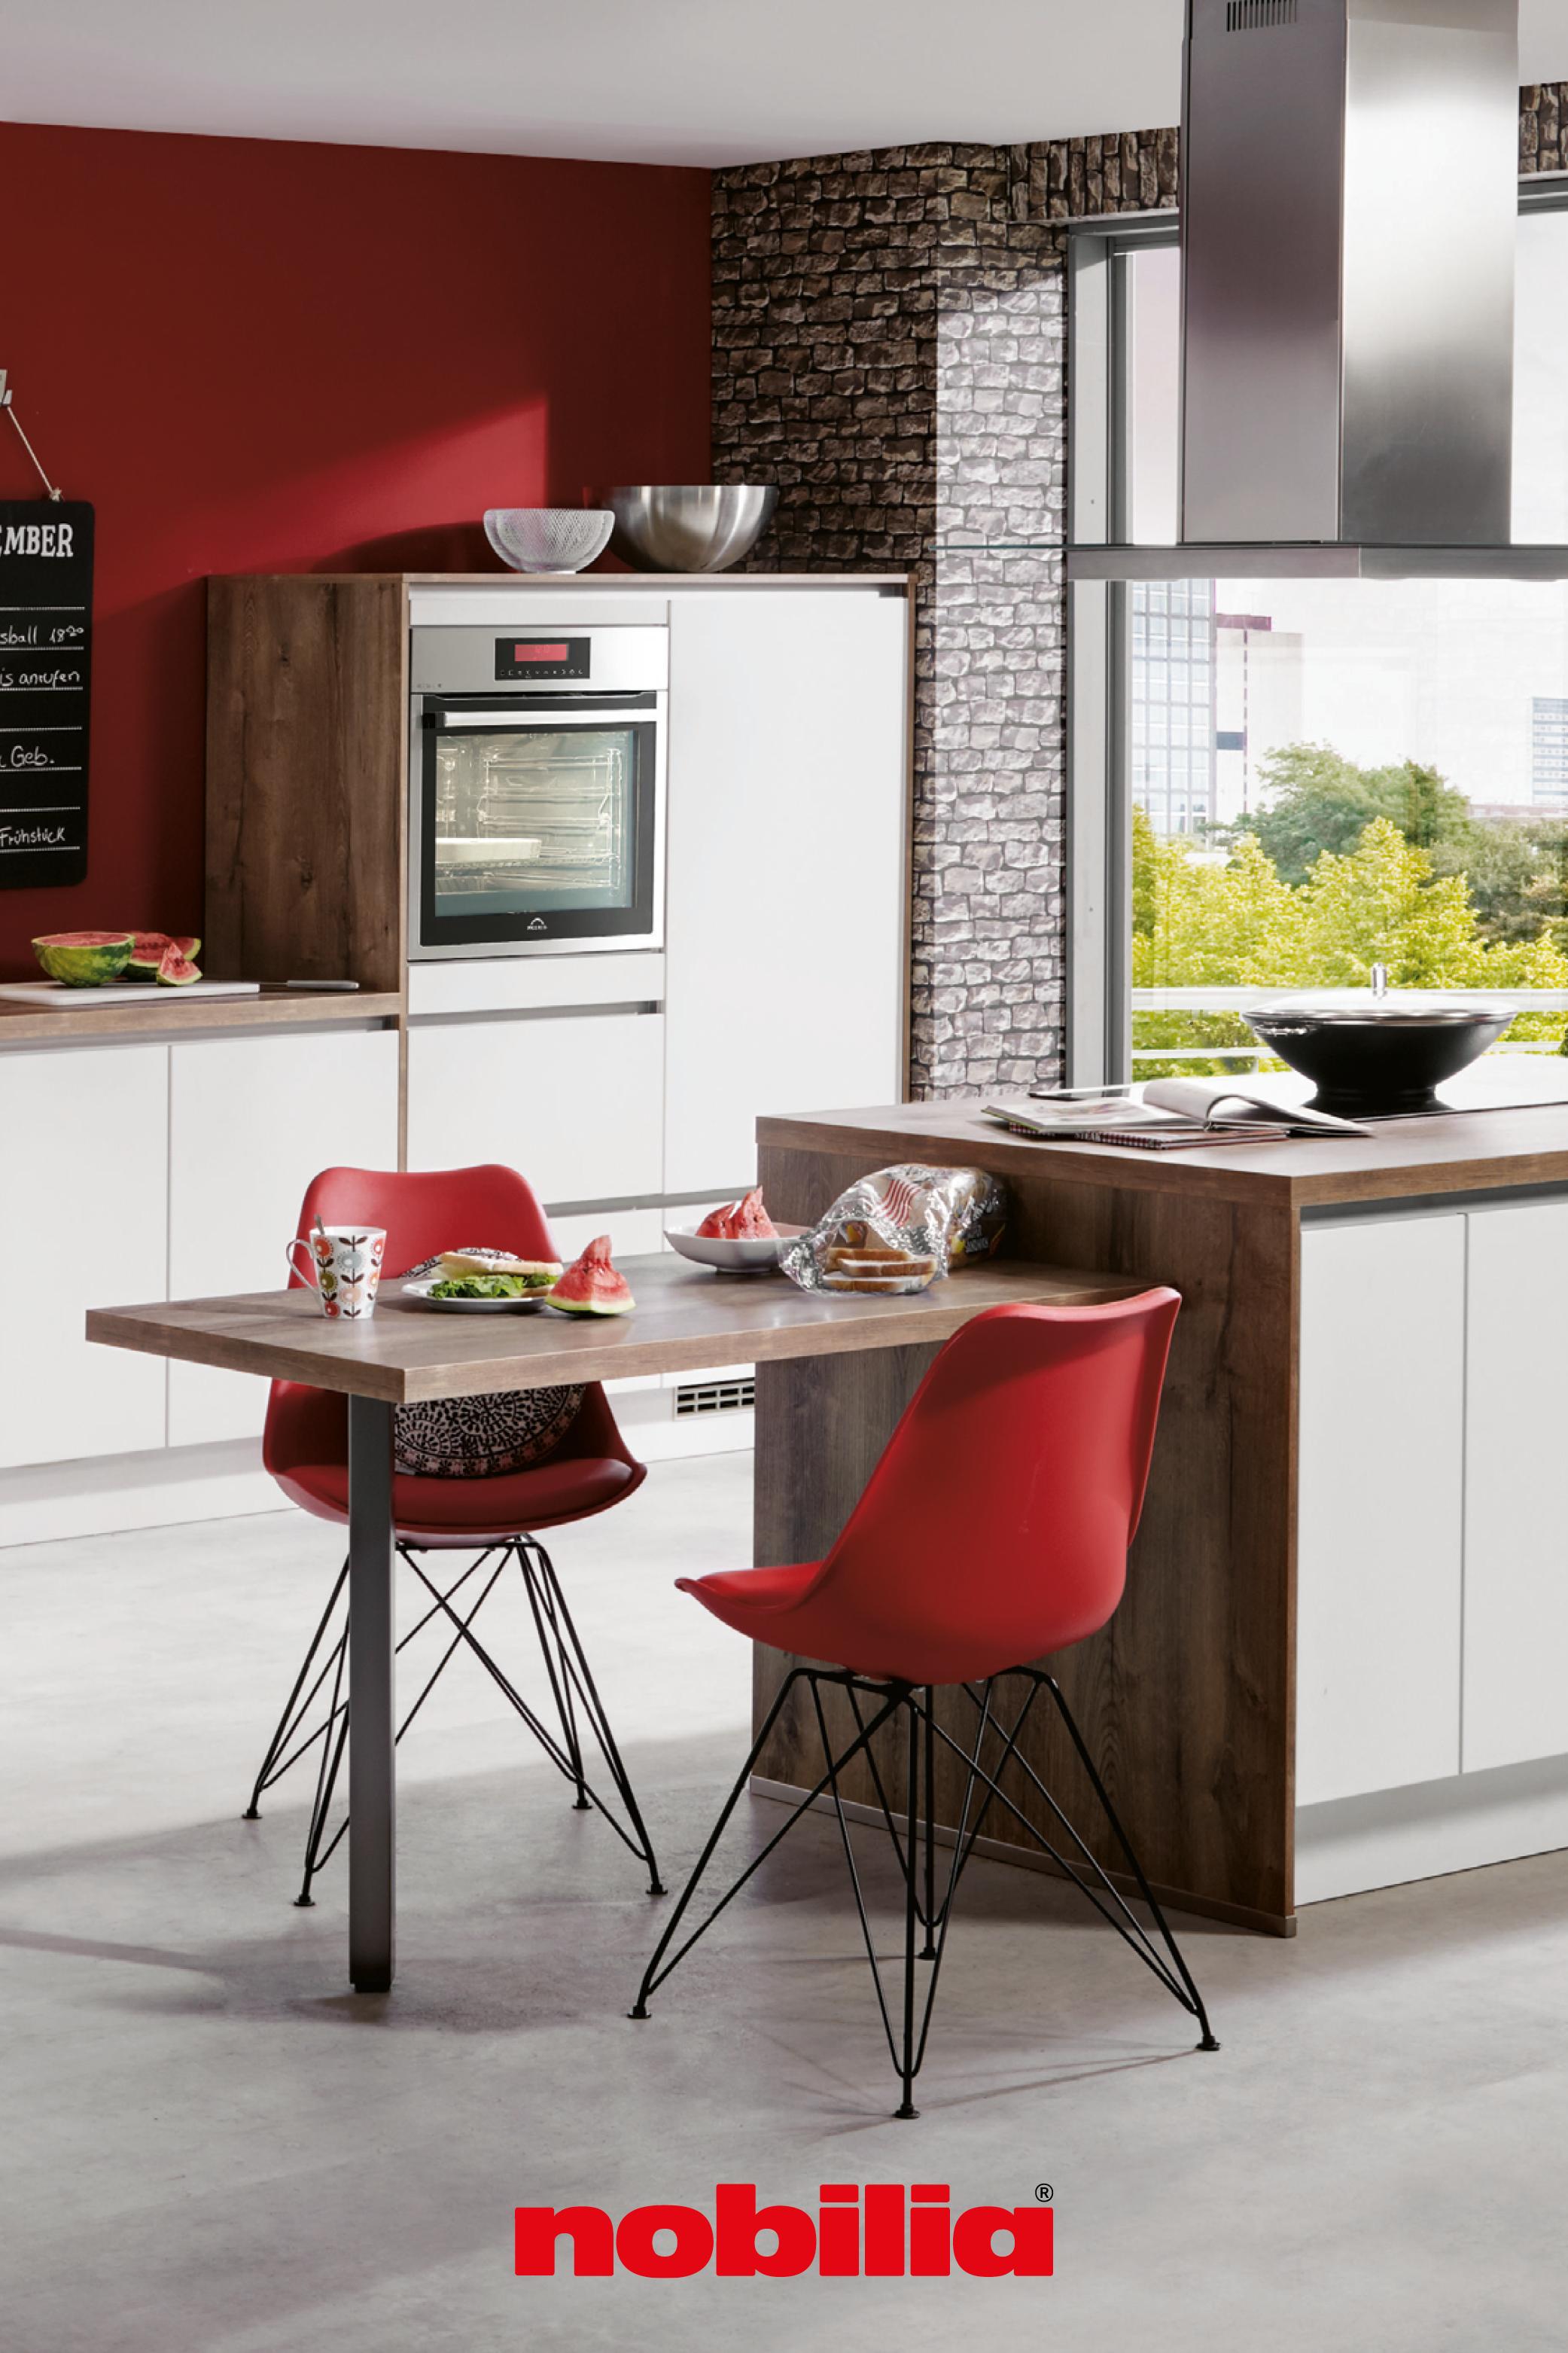 Flexibler Einsatz Von Arbeitsplatten In 2020 Moderne Kuche Kuchen Planung Wohnkuche